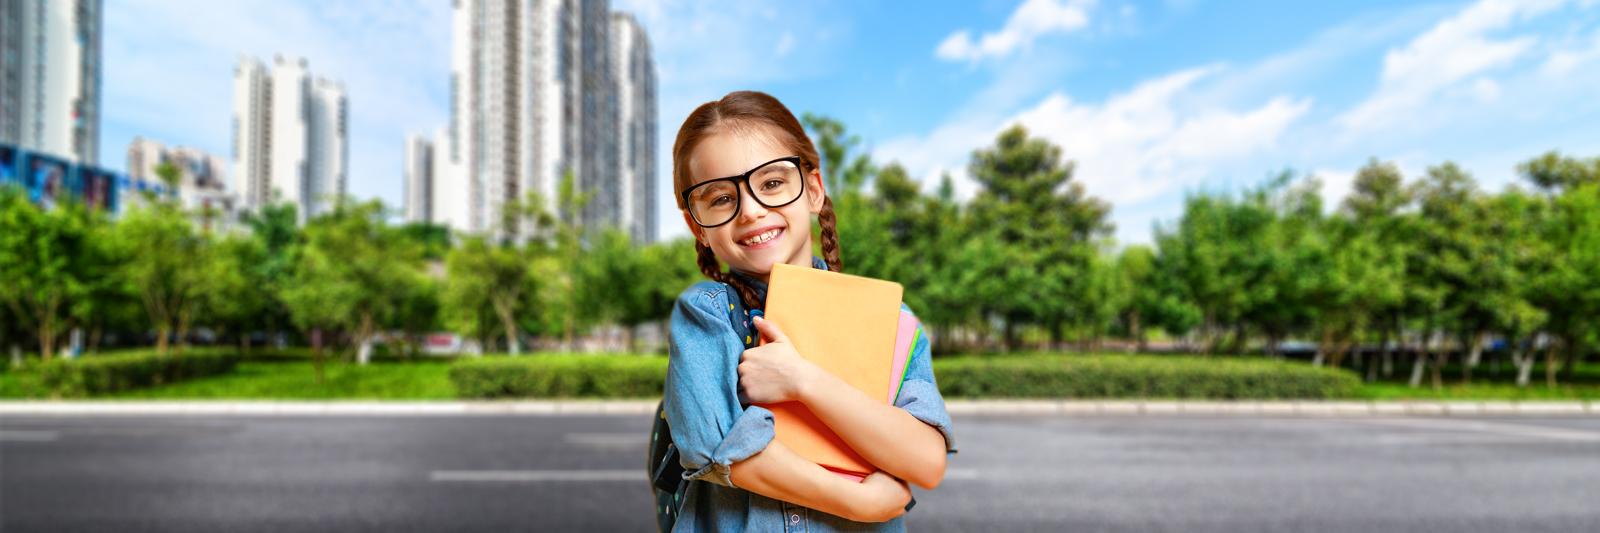 Convênios de educação: matrículas abertas em escolas de todo o país